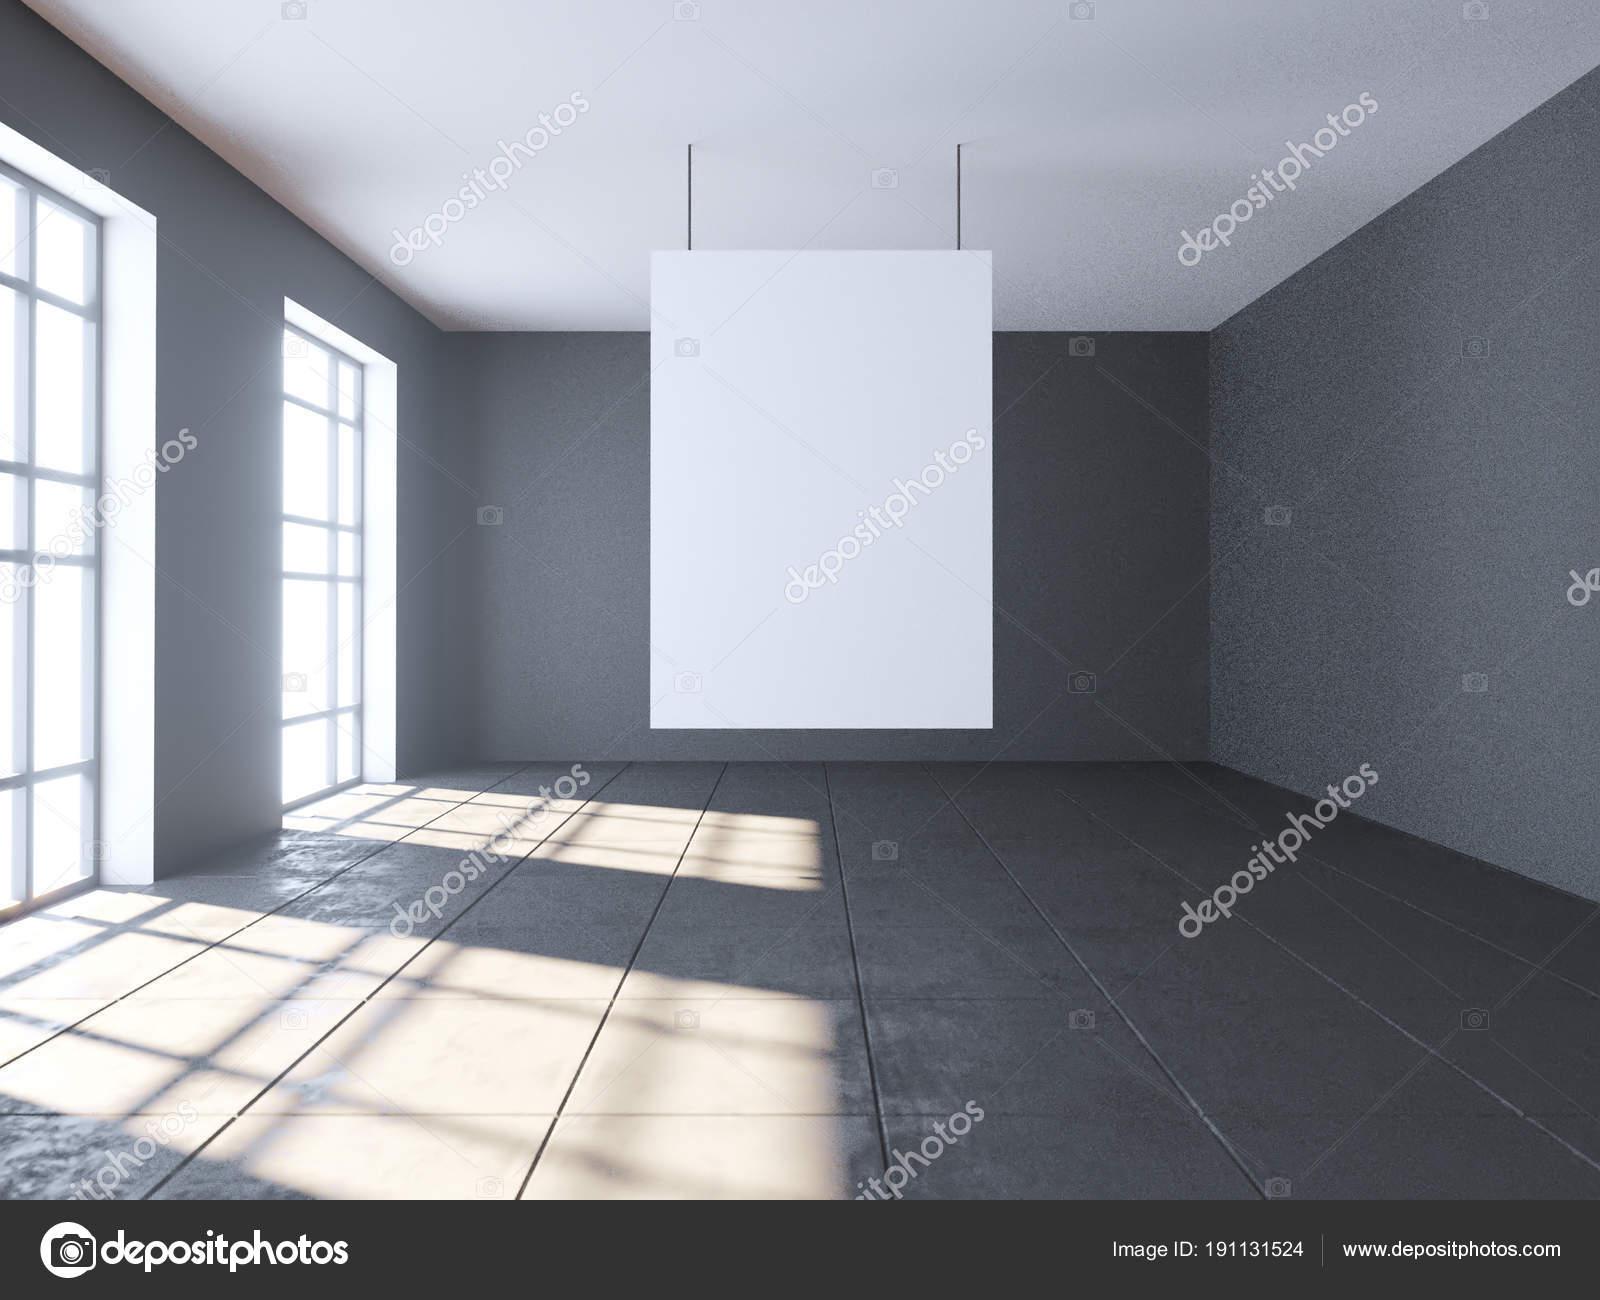 Hellen Beton Raum Mit Leeren Poster. Galerie, Ausstellung, Werbung Konzept.  Mock